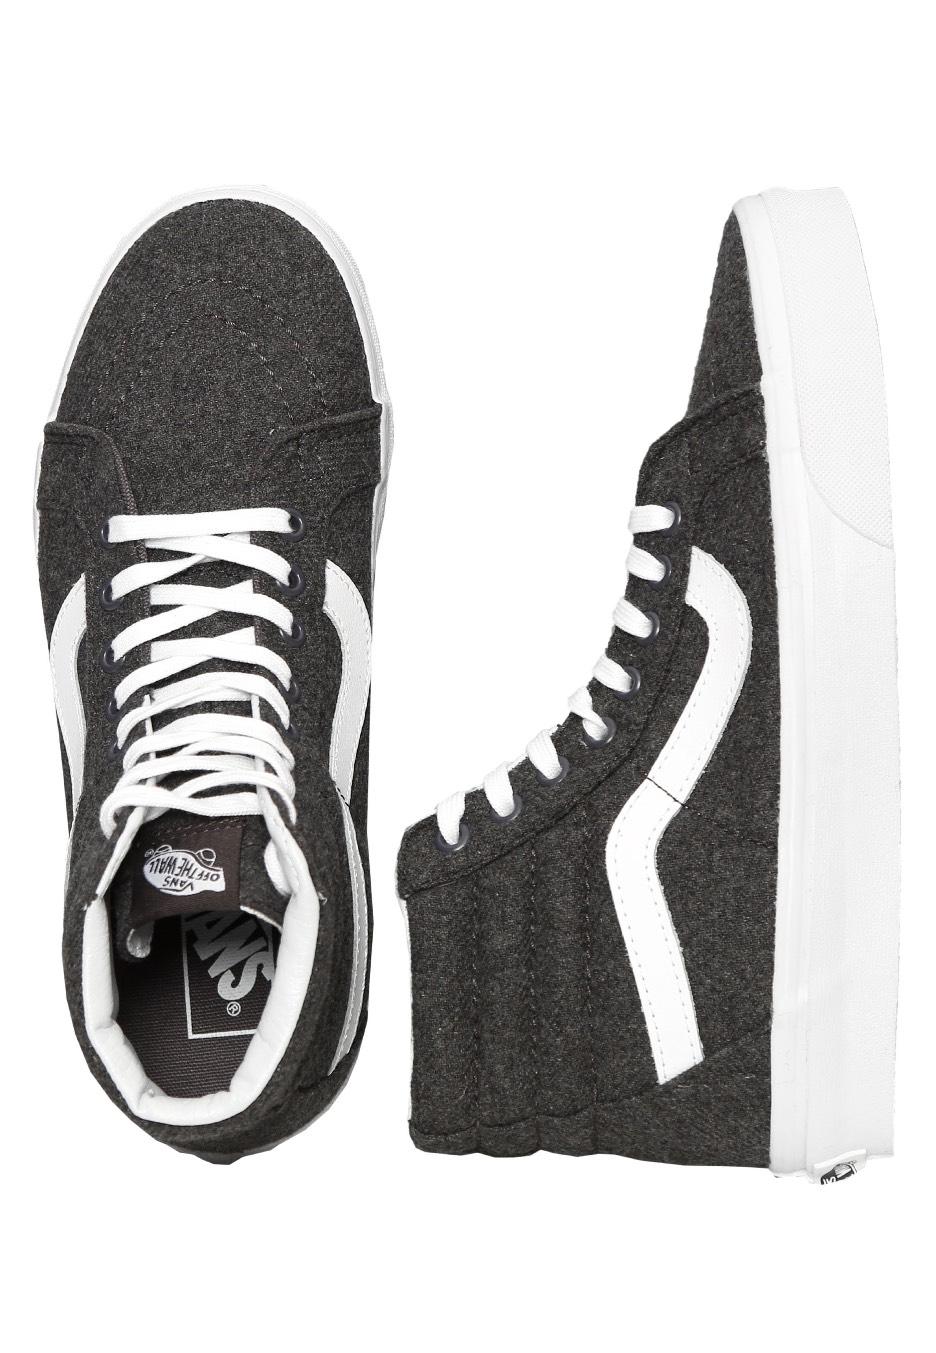 e0c6430b9475 Vans - Sk8-Hi Reissue Varsity Charcoal True White - Girl Shoes - Impericon.com  UK